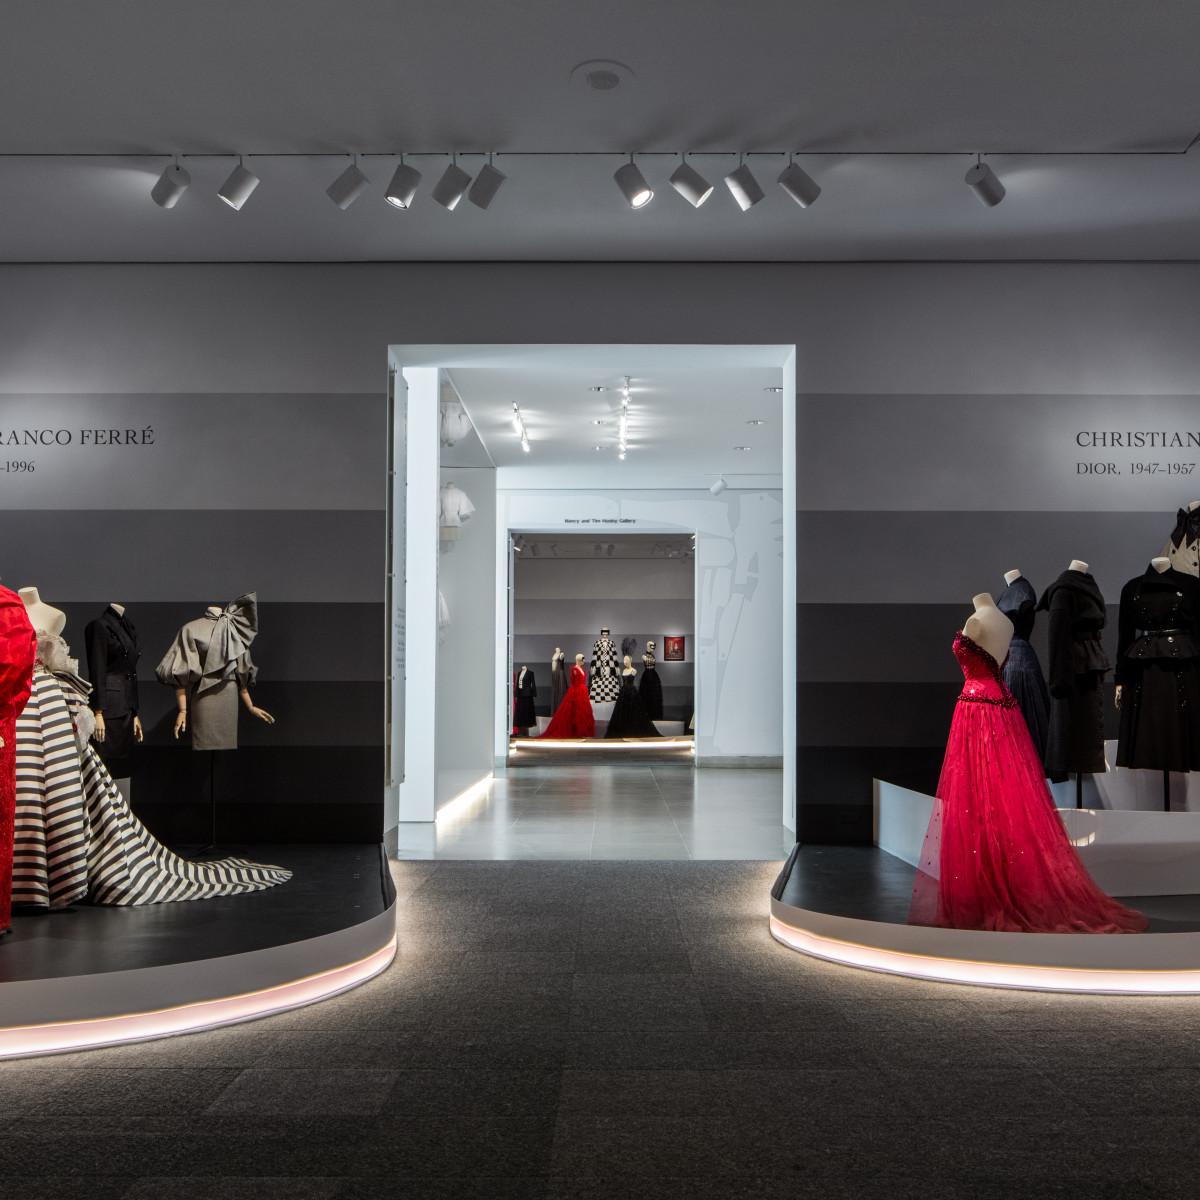 DMA Dior exhibit